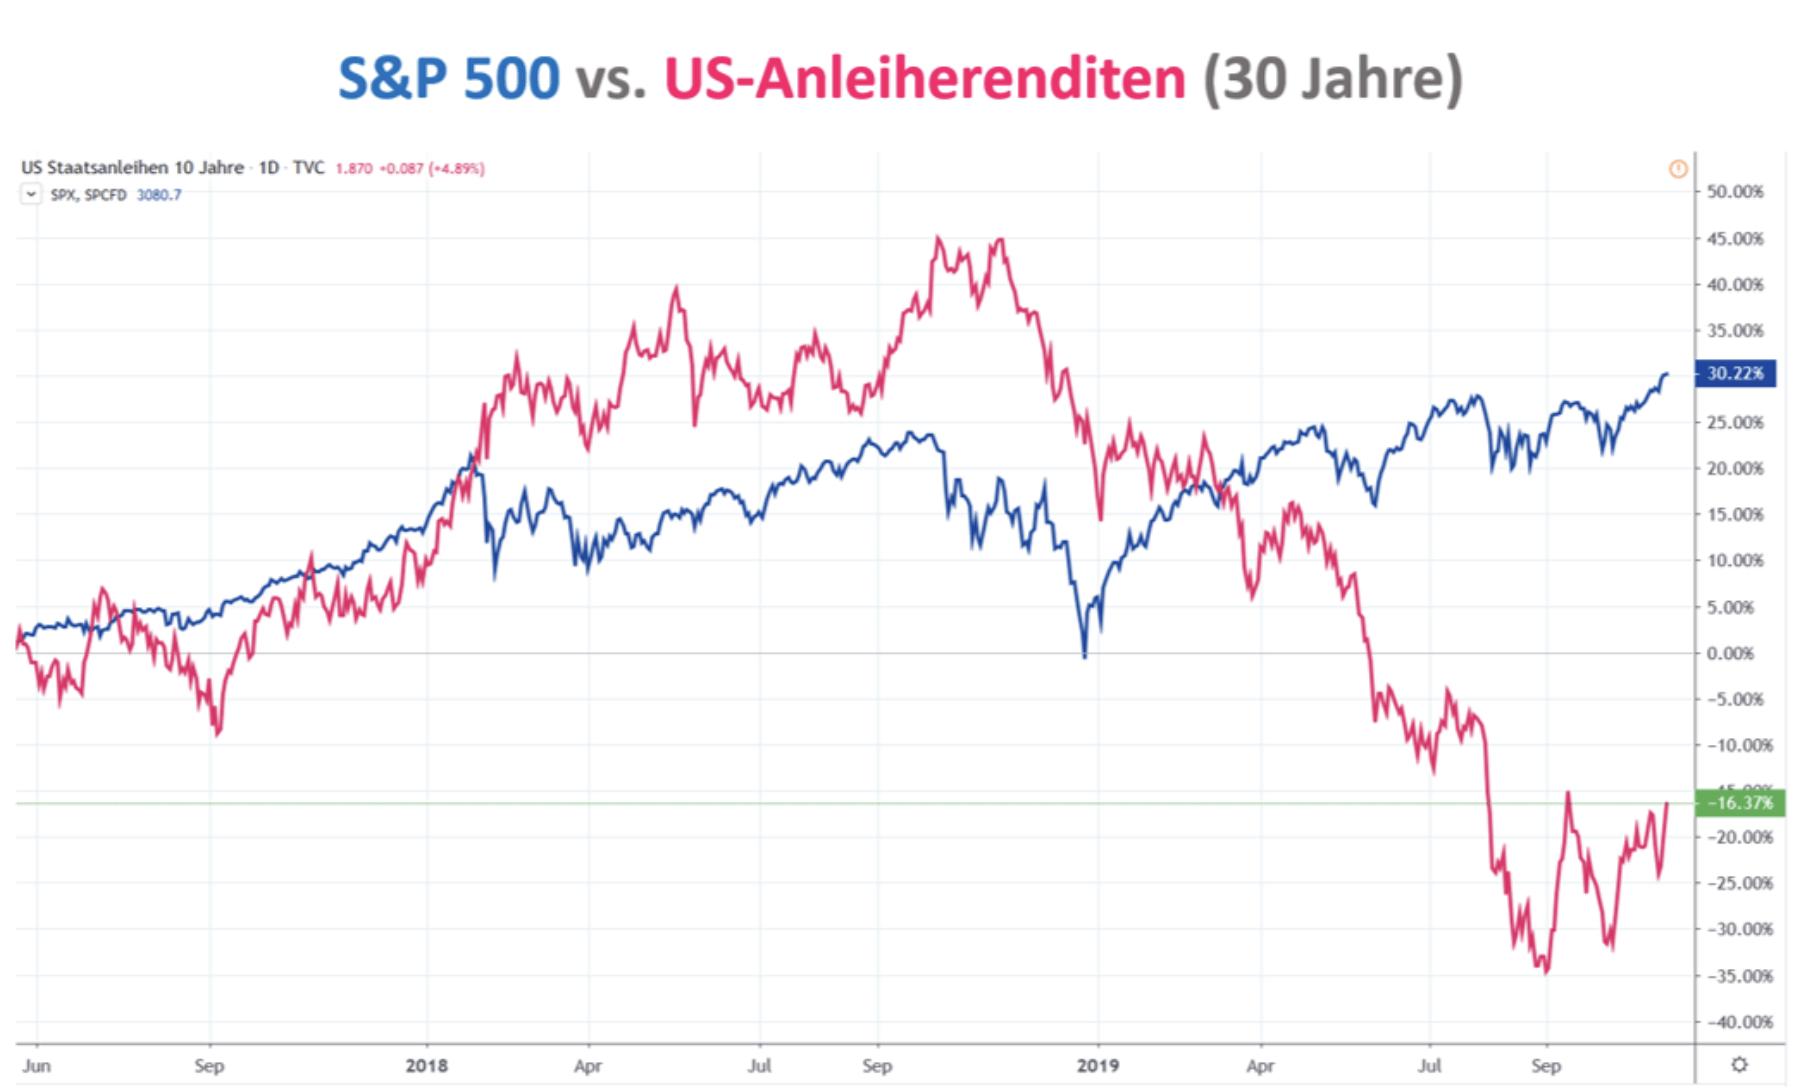 S&P 500 vs US-Anleiherenditen